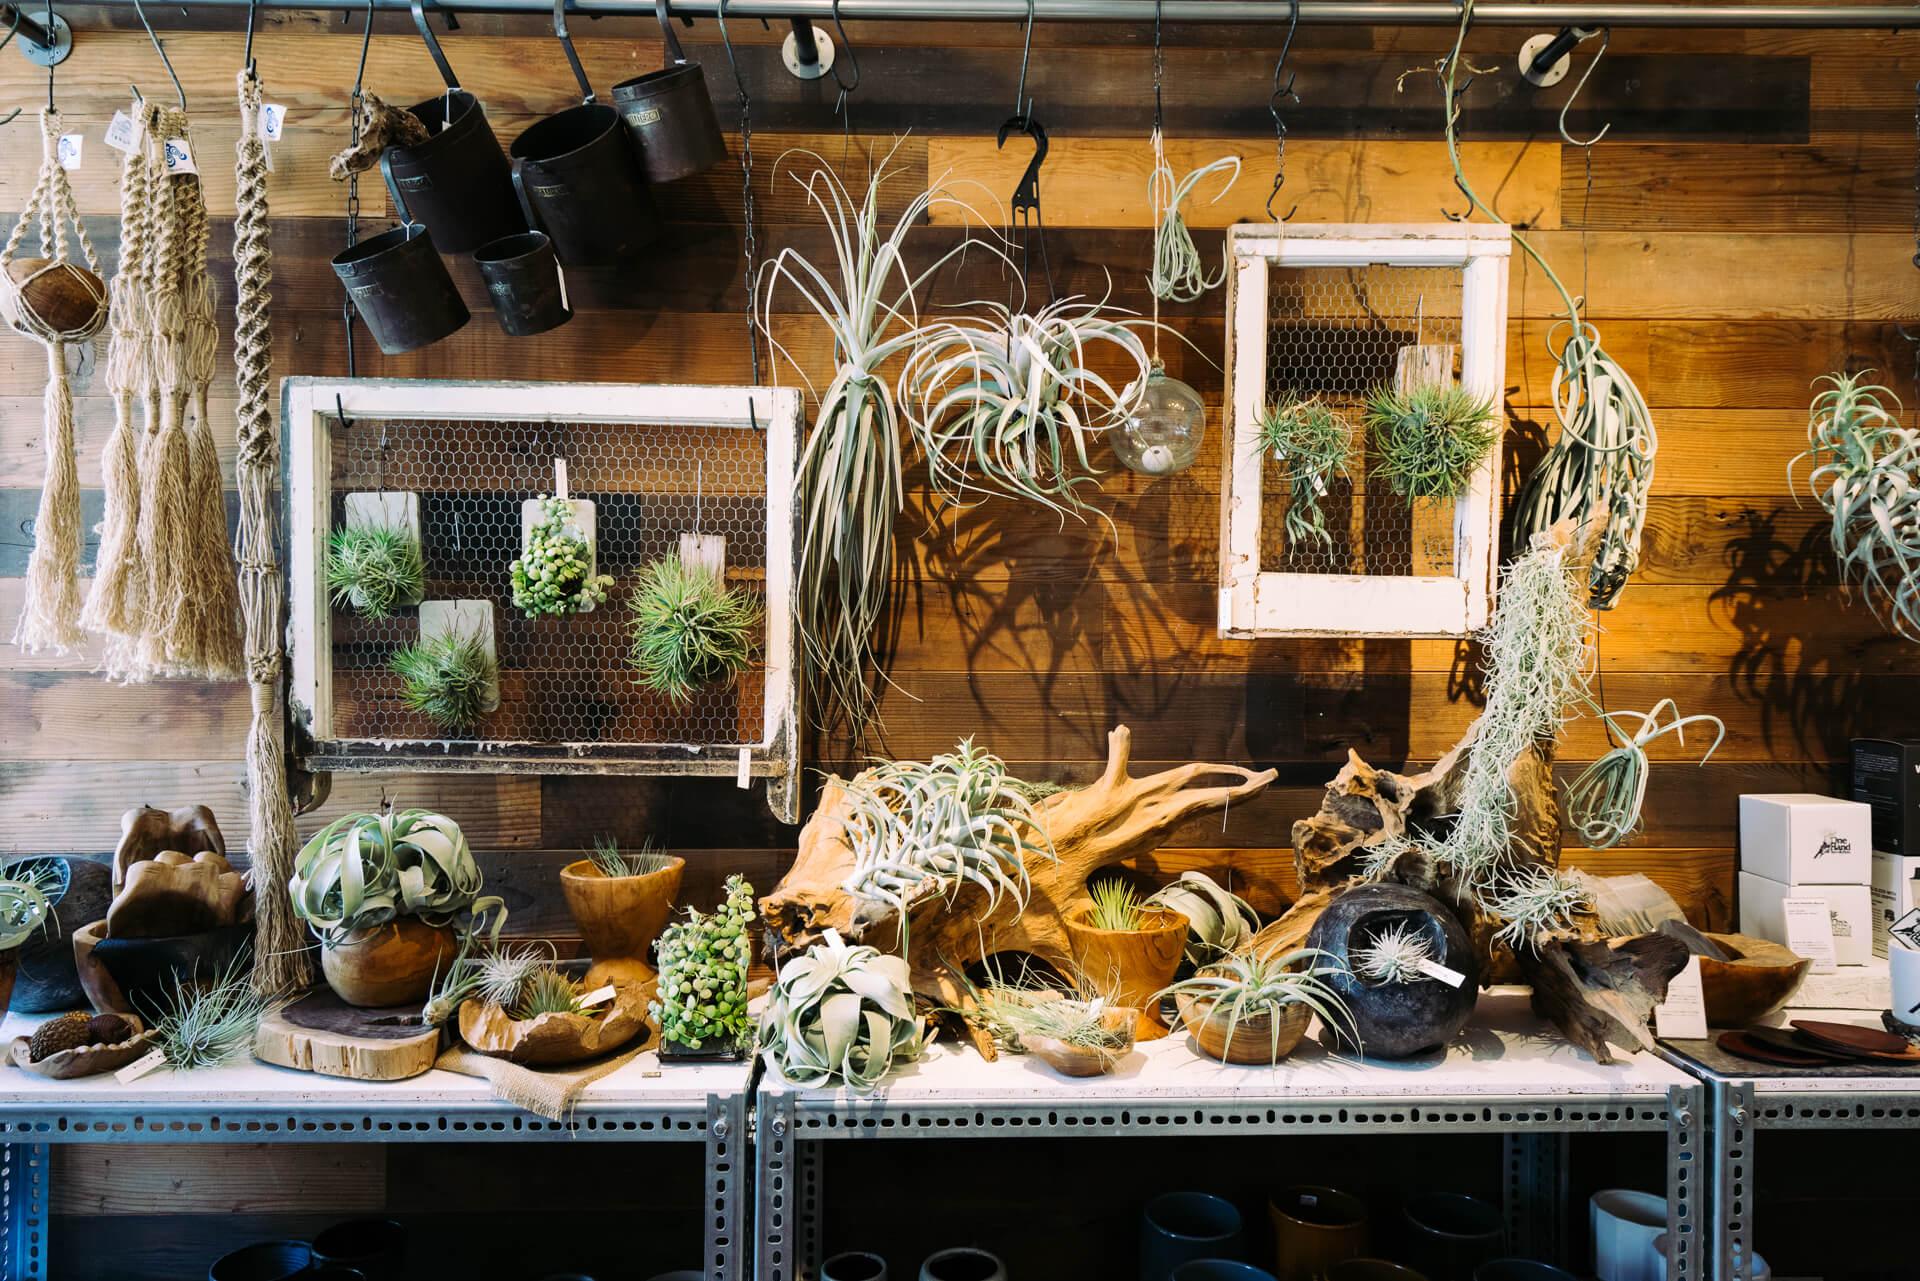 植木鉢以外にも、オリジナルの魅力的な商品がたくさんあるTOKY。じっくり見始めると、どれもこれも欲しくなってしまって大変です。